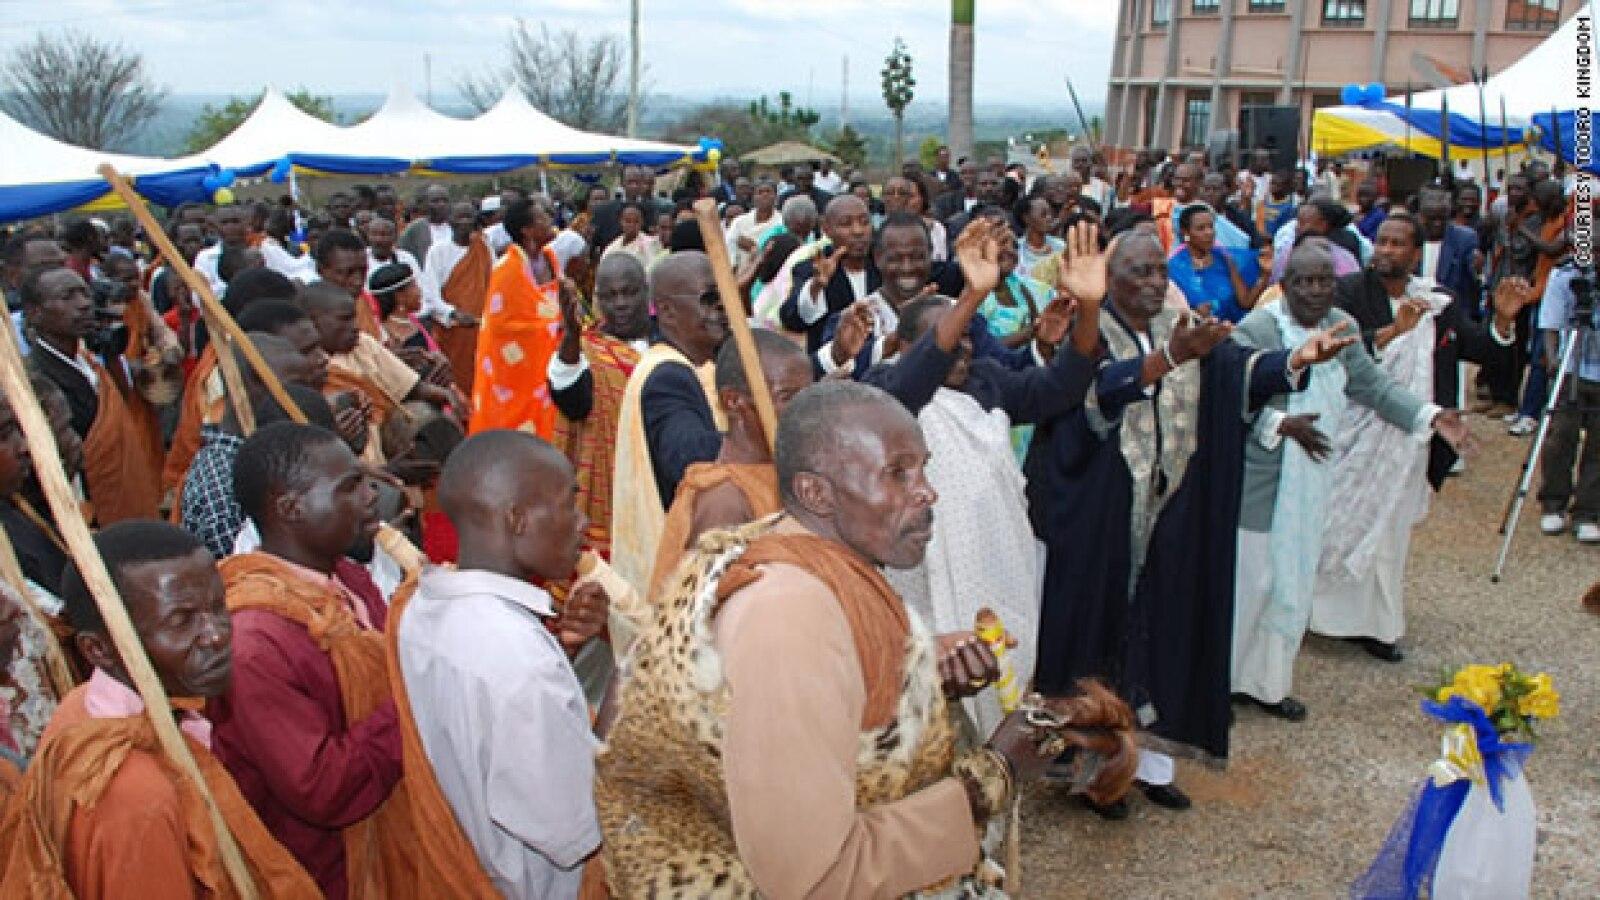 Muchos africanos se identifican más como miembros de una tribu que como ciudadanos de un país